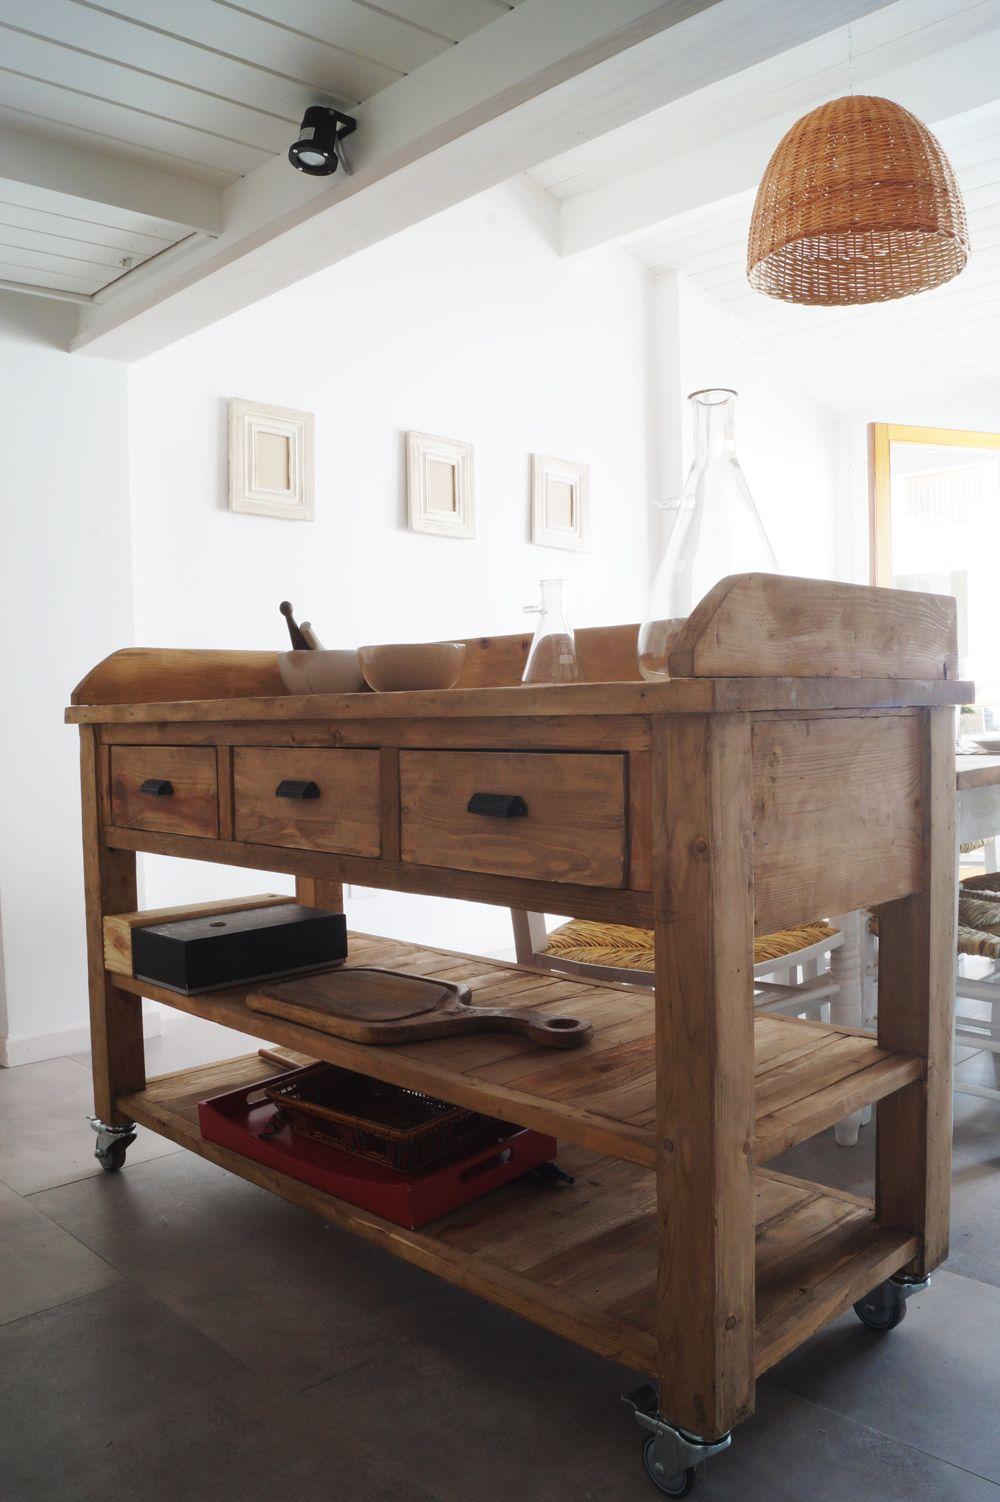 Mueble de apoyo con cajones y ruedas antigua madera for Ruedas industriales antiguas para muebles